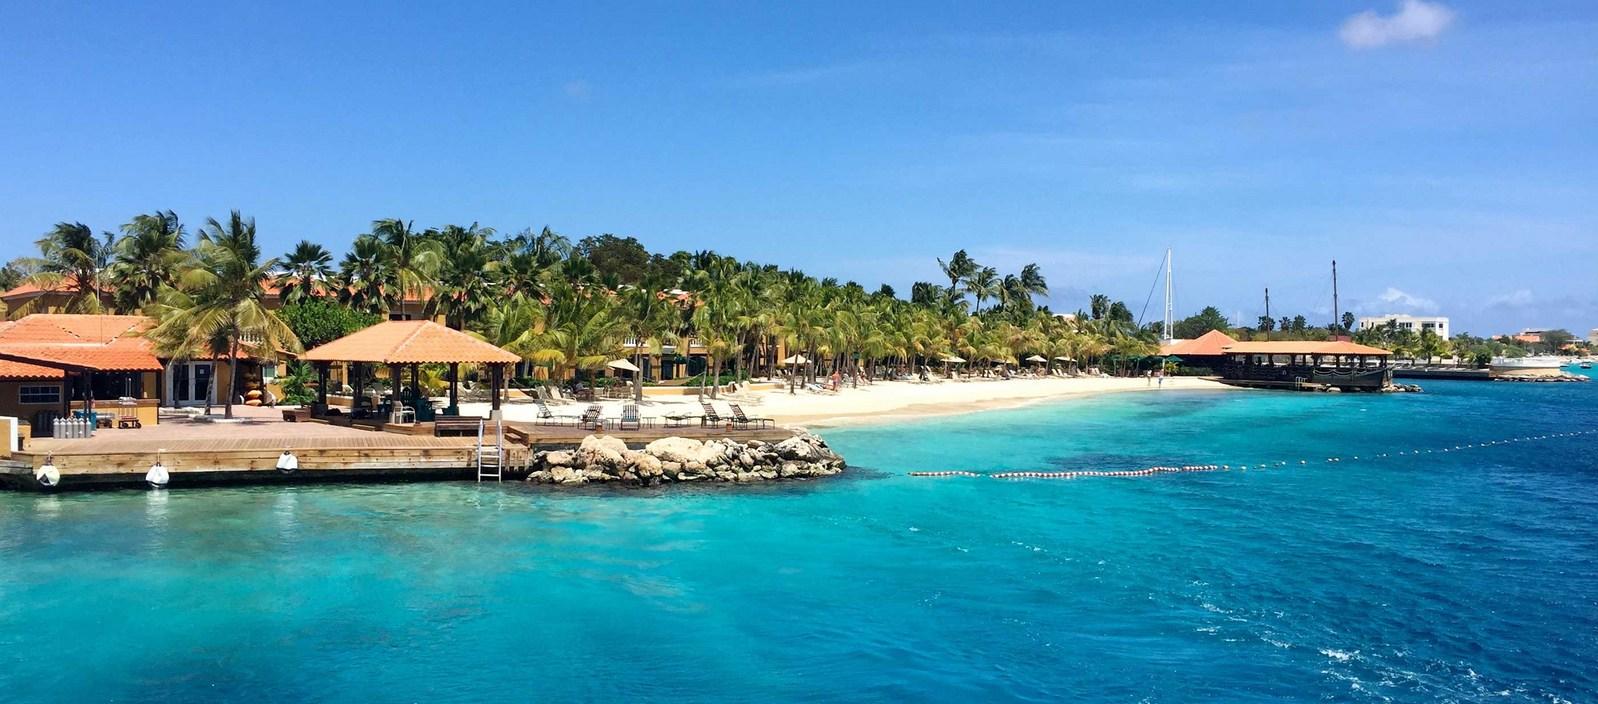 Bonaire Beach Club